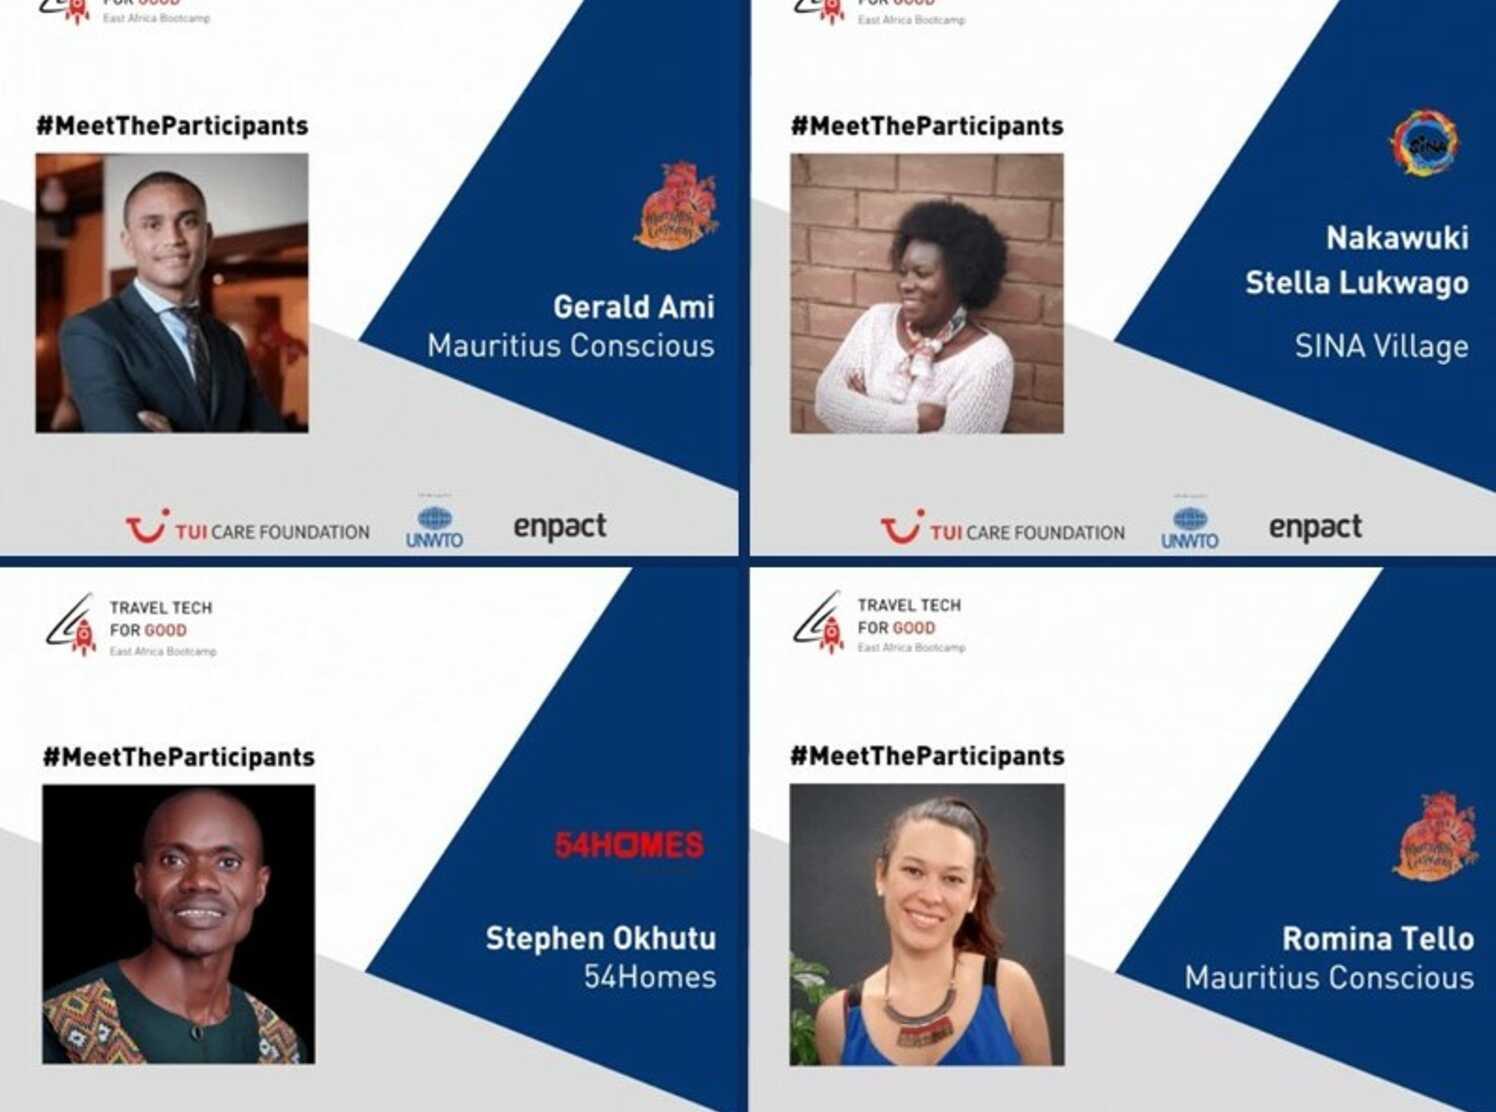 TT4G East Africa Participants